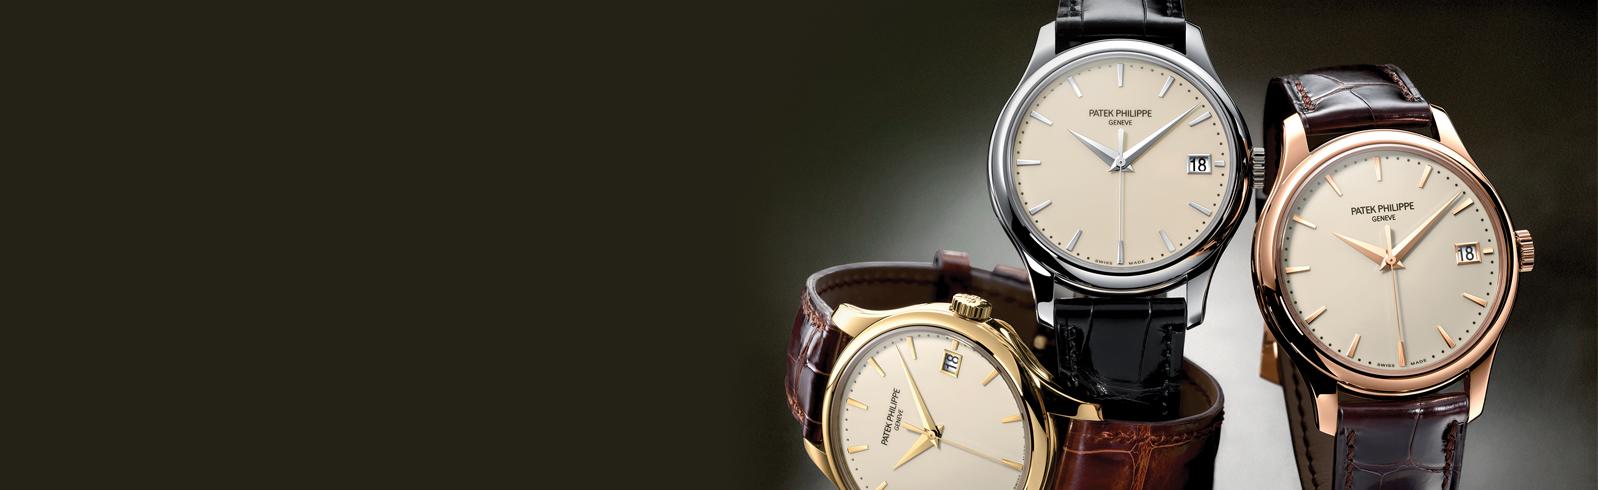 """Patek Philippe Calatrava - Chiếc đồng hồ """"quý tộc"""" dành cho các quý ông"""